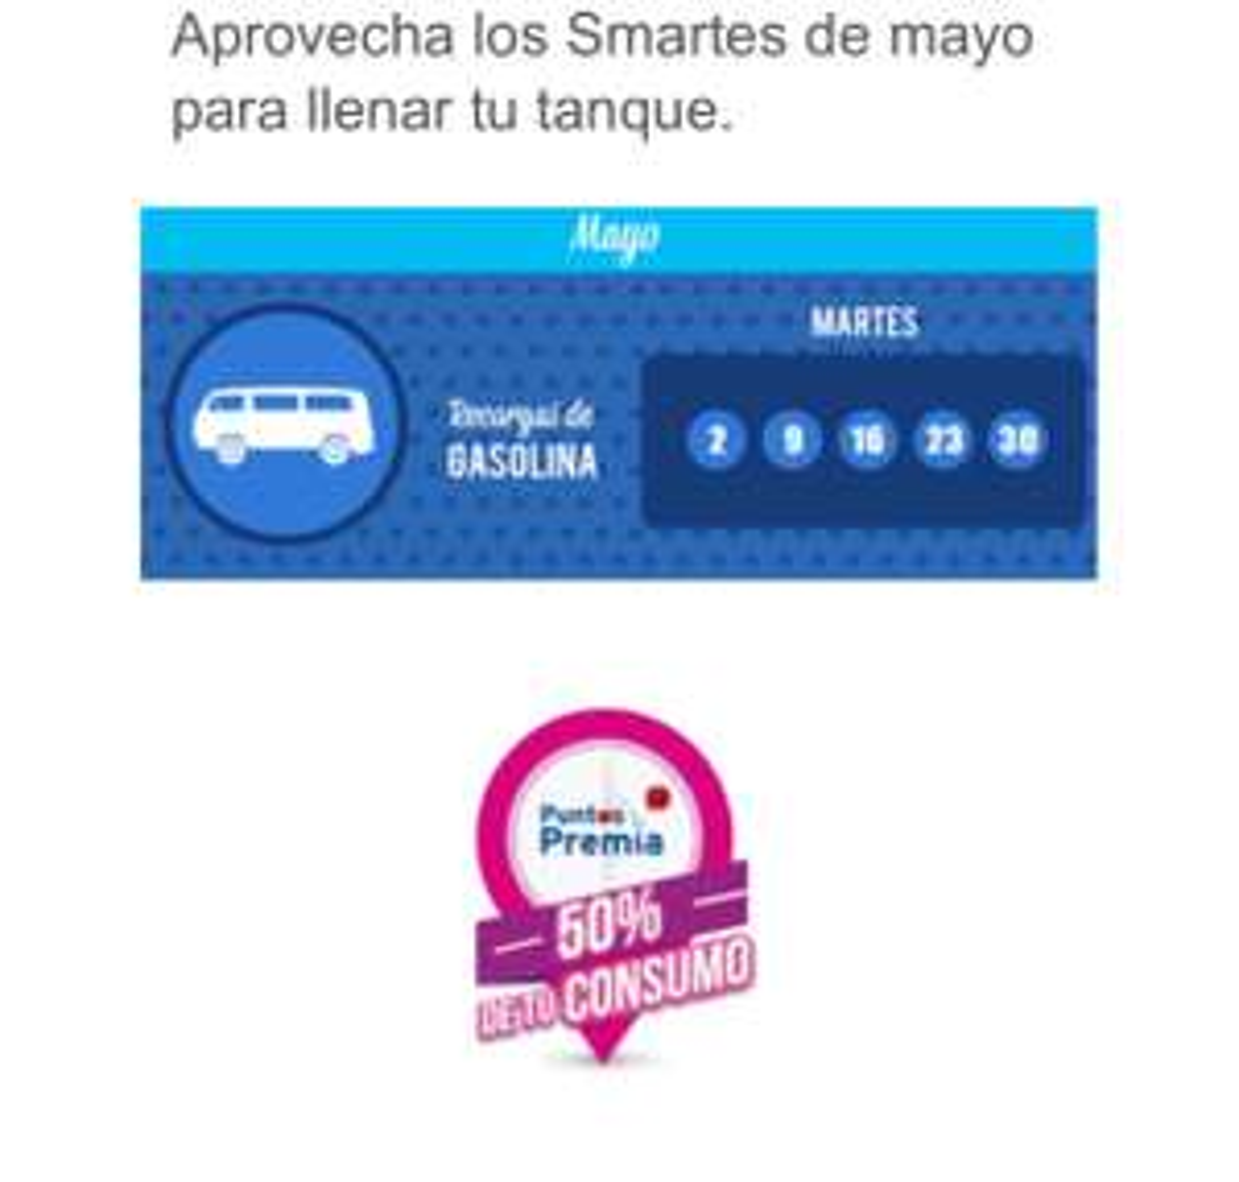 CitiBanamex: Smartes de gasolina todo mayo